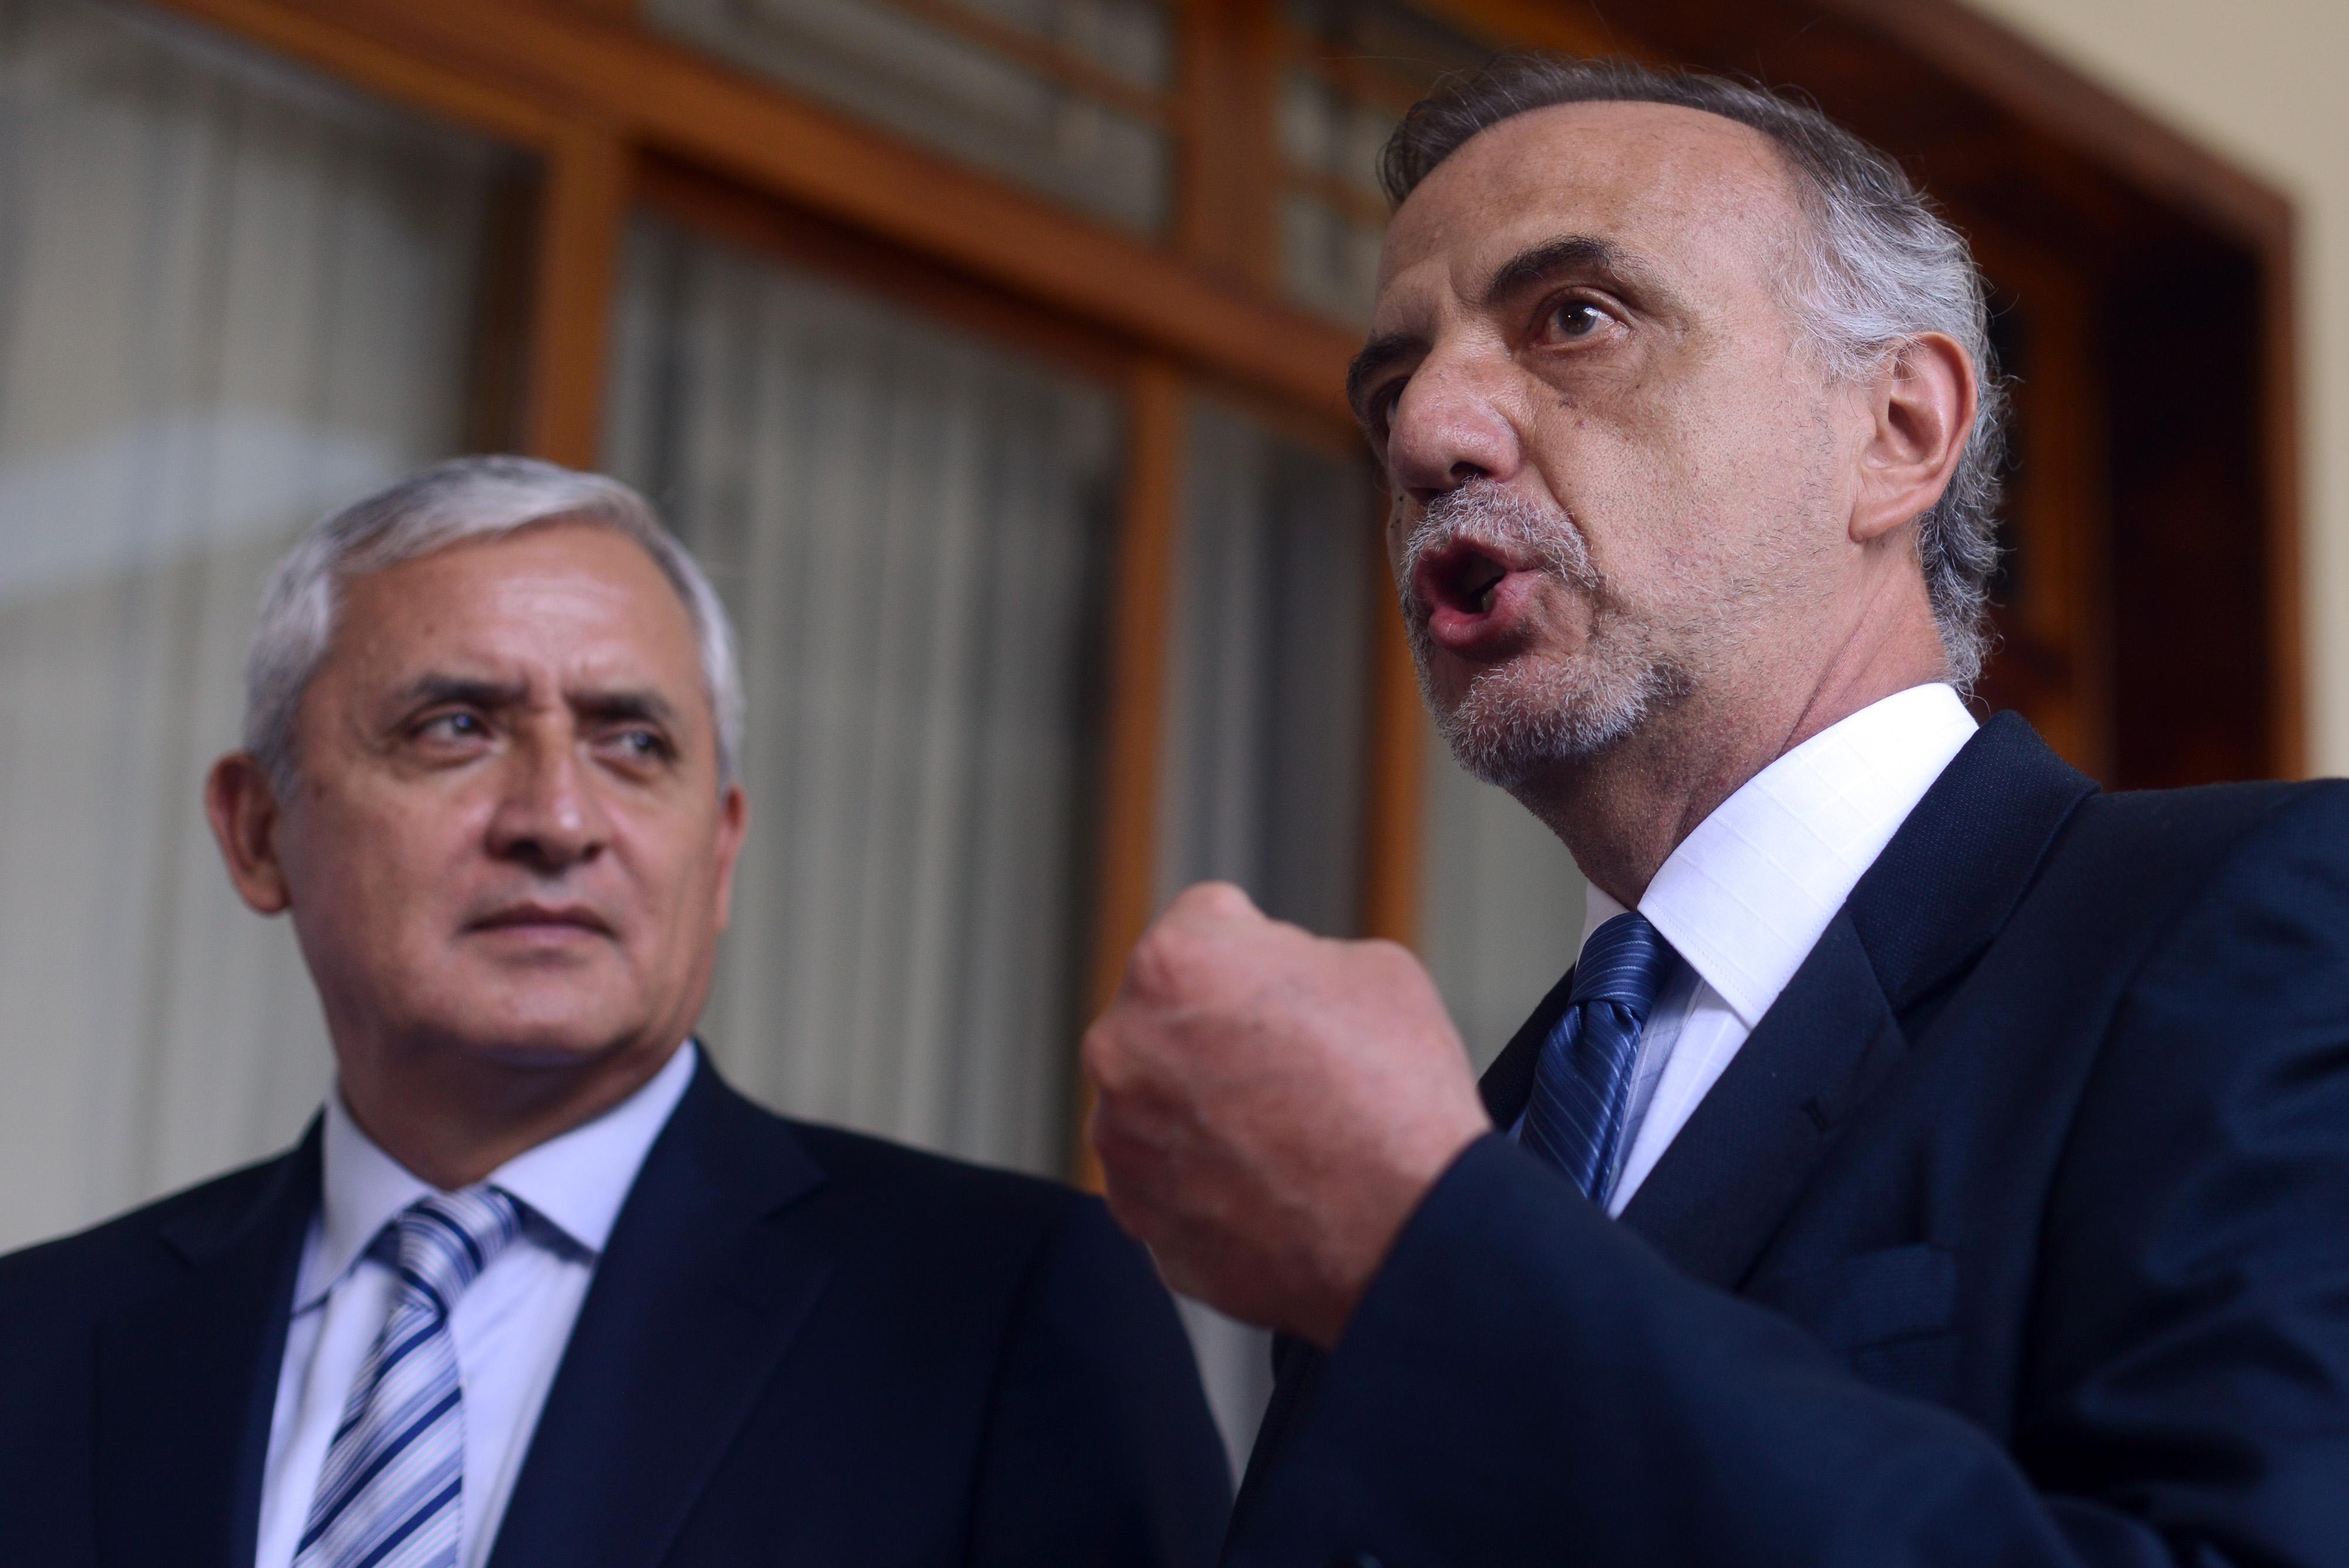 Imagen del 1 de octubre del 2013 en la que se ve a Velázquez (d) junto al entonces presidente guatemalteco Otto Pérez Molina. (Crédito: JOHAN ORDÓÑEZ/AFP/Getty Images)